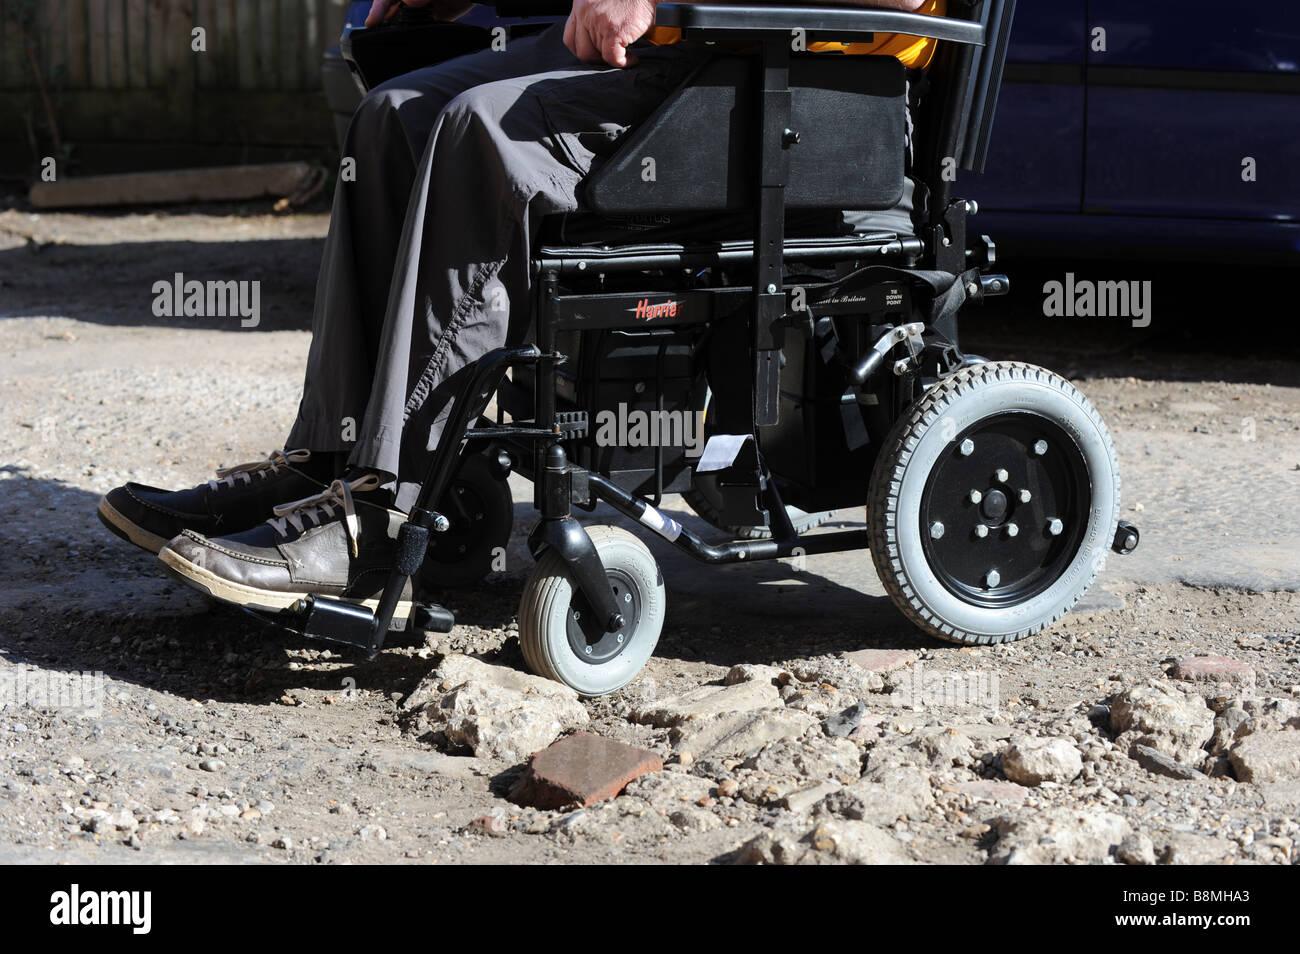 Uneven immagini uneven fotos stock alamy for Vecchio in sedia a rotelle